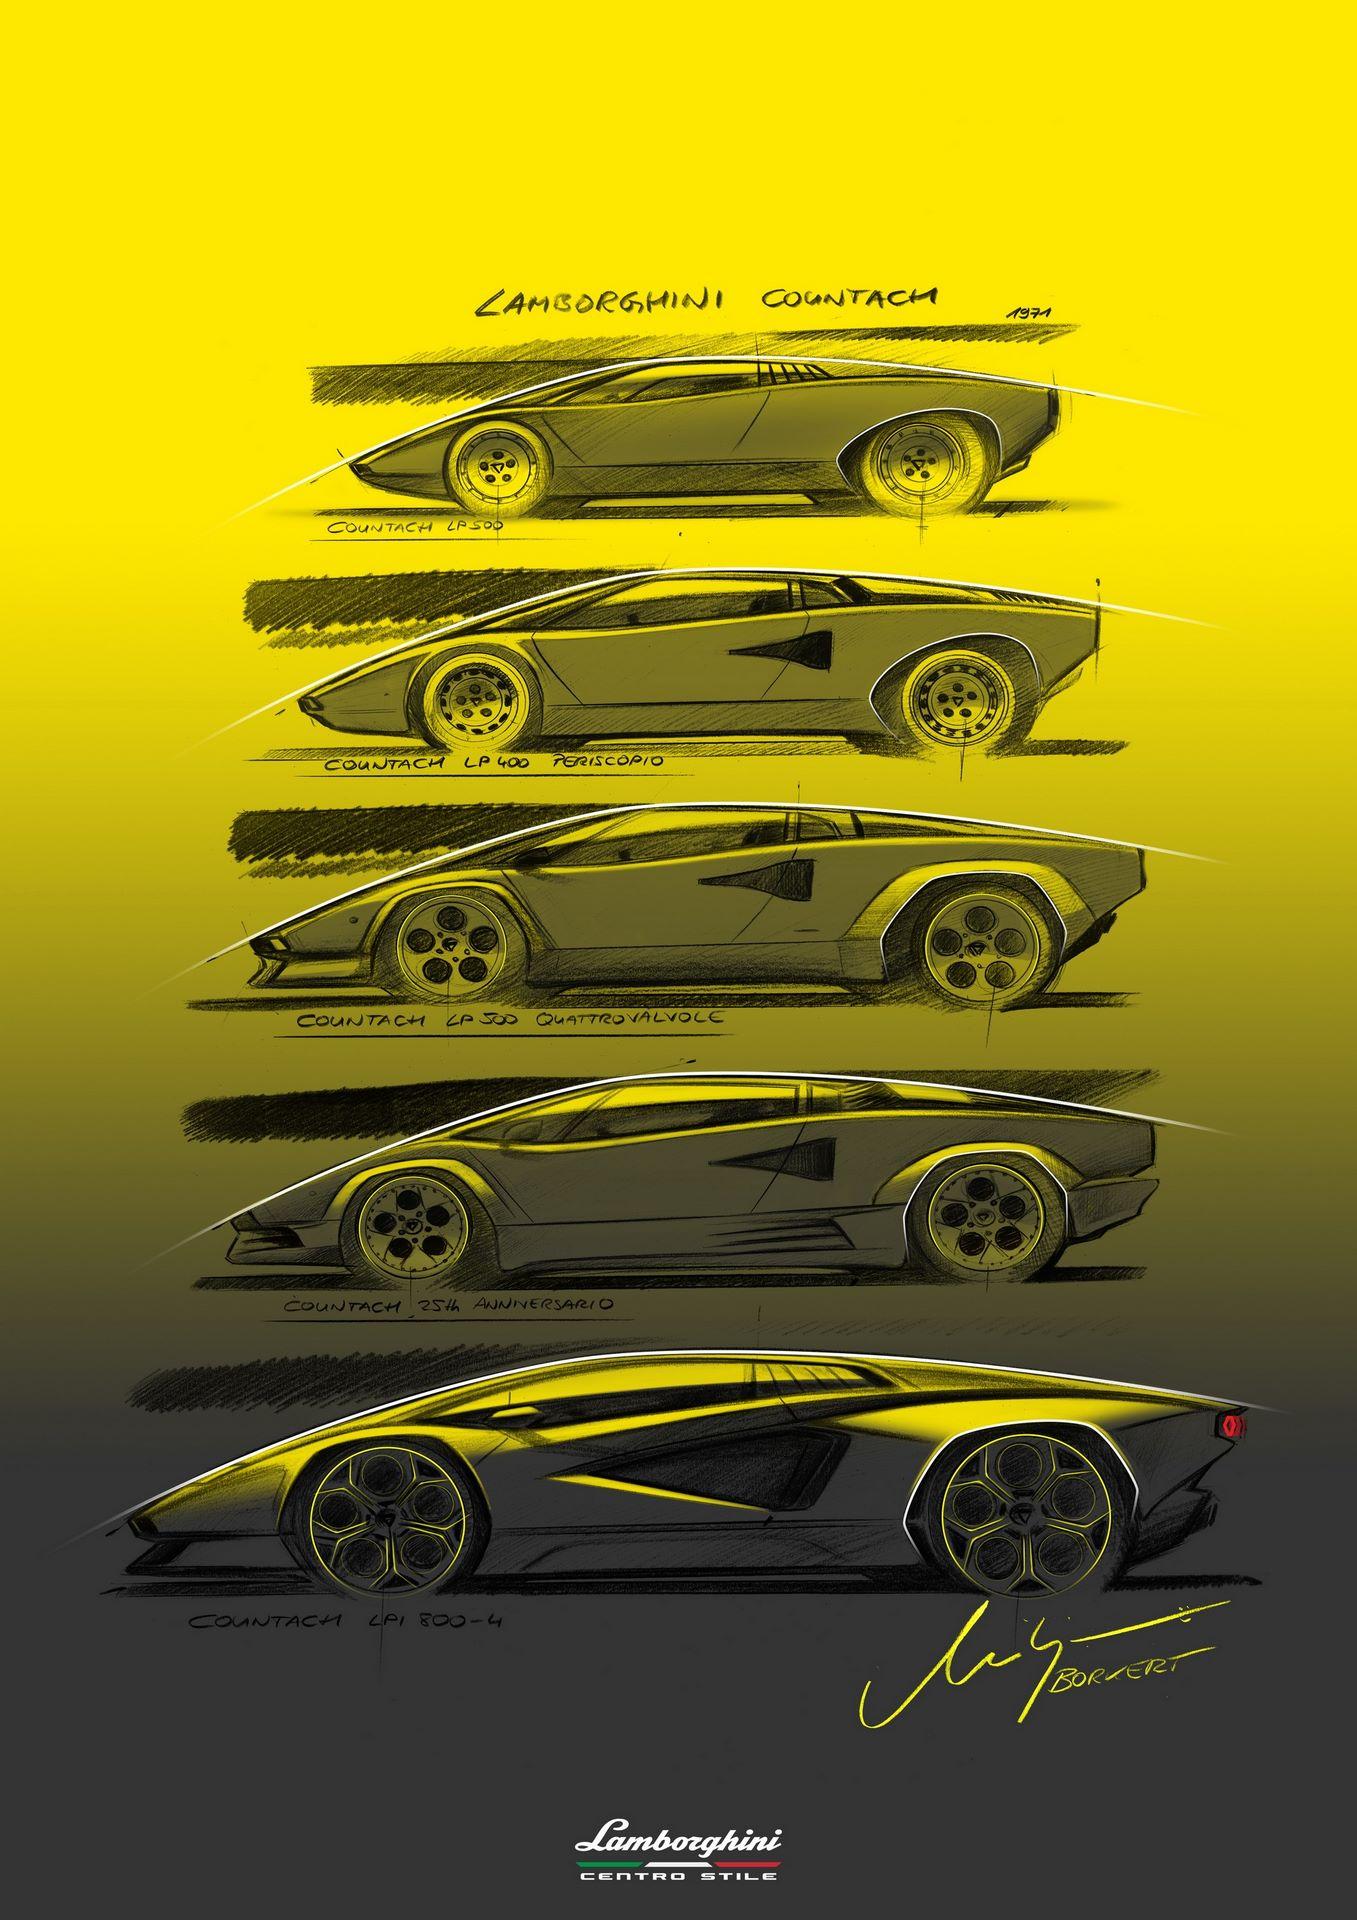 Lamborghini-Countach-LPI-800-4-112